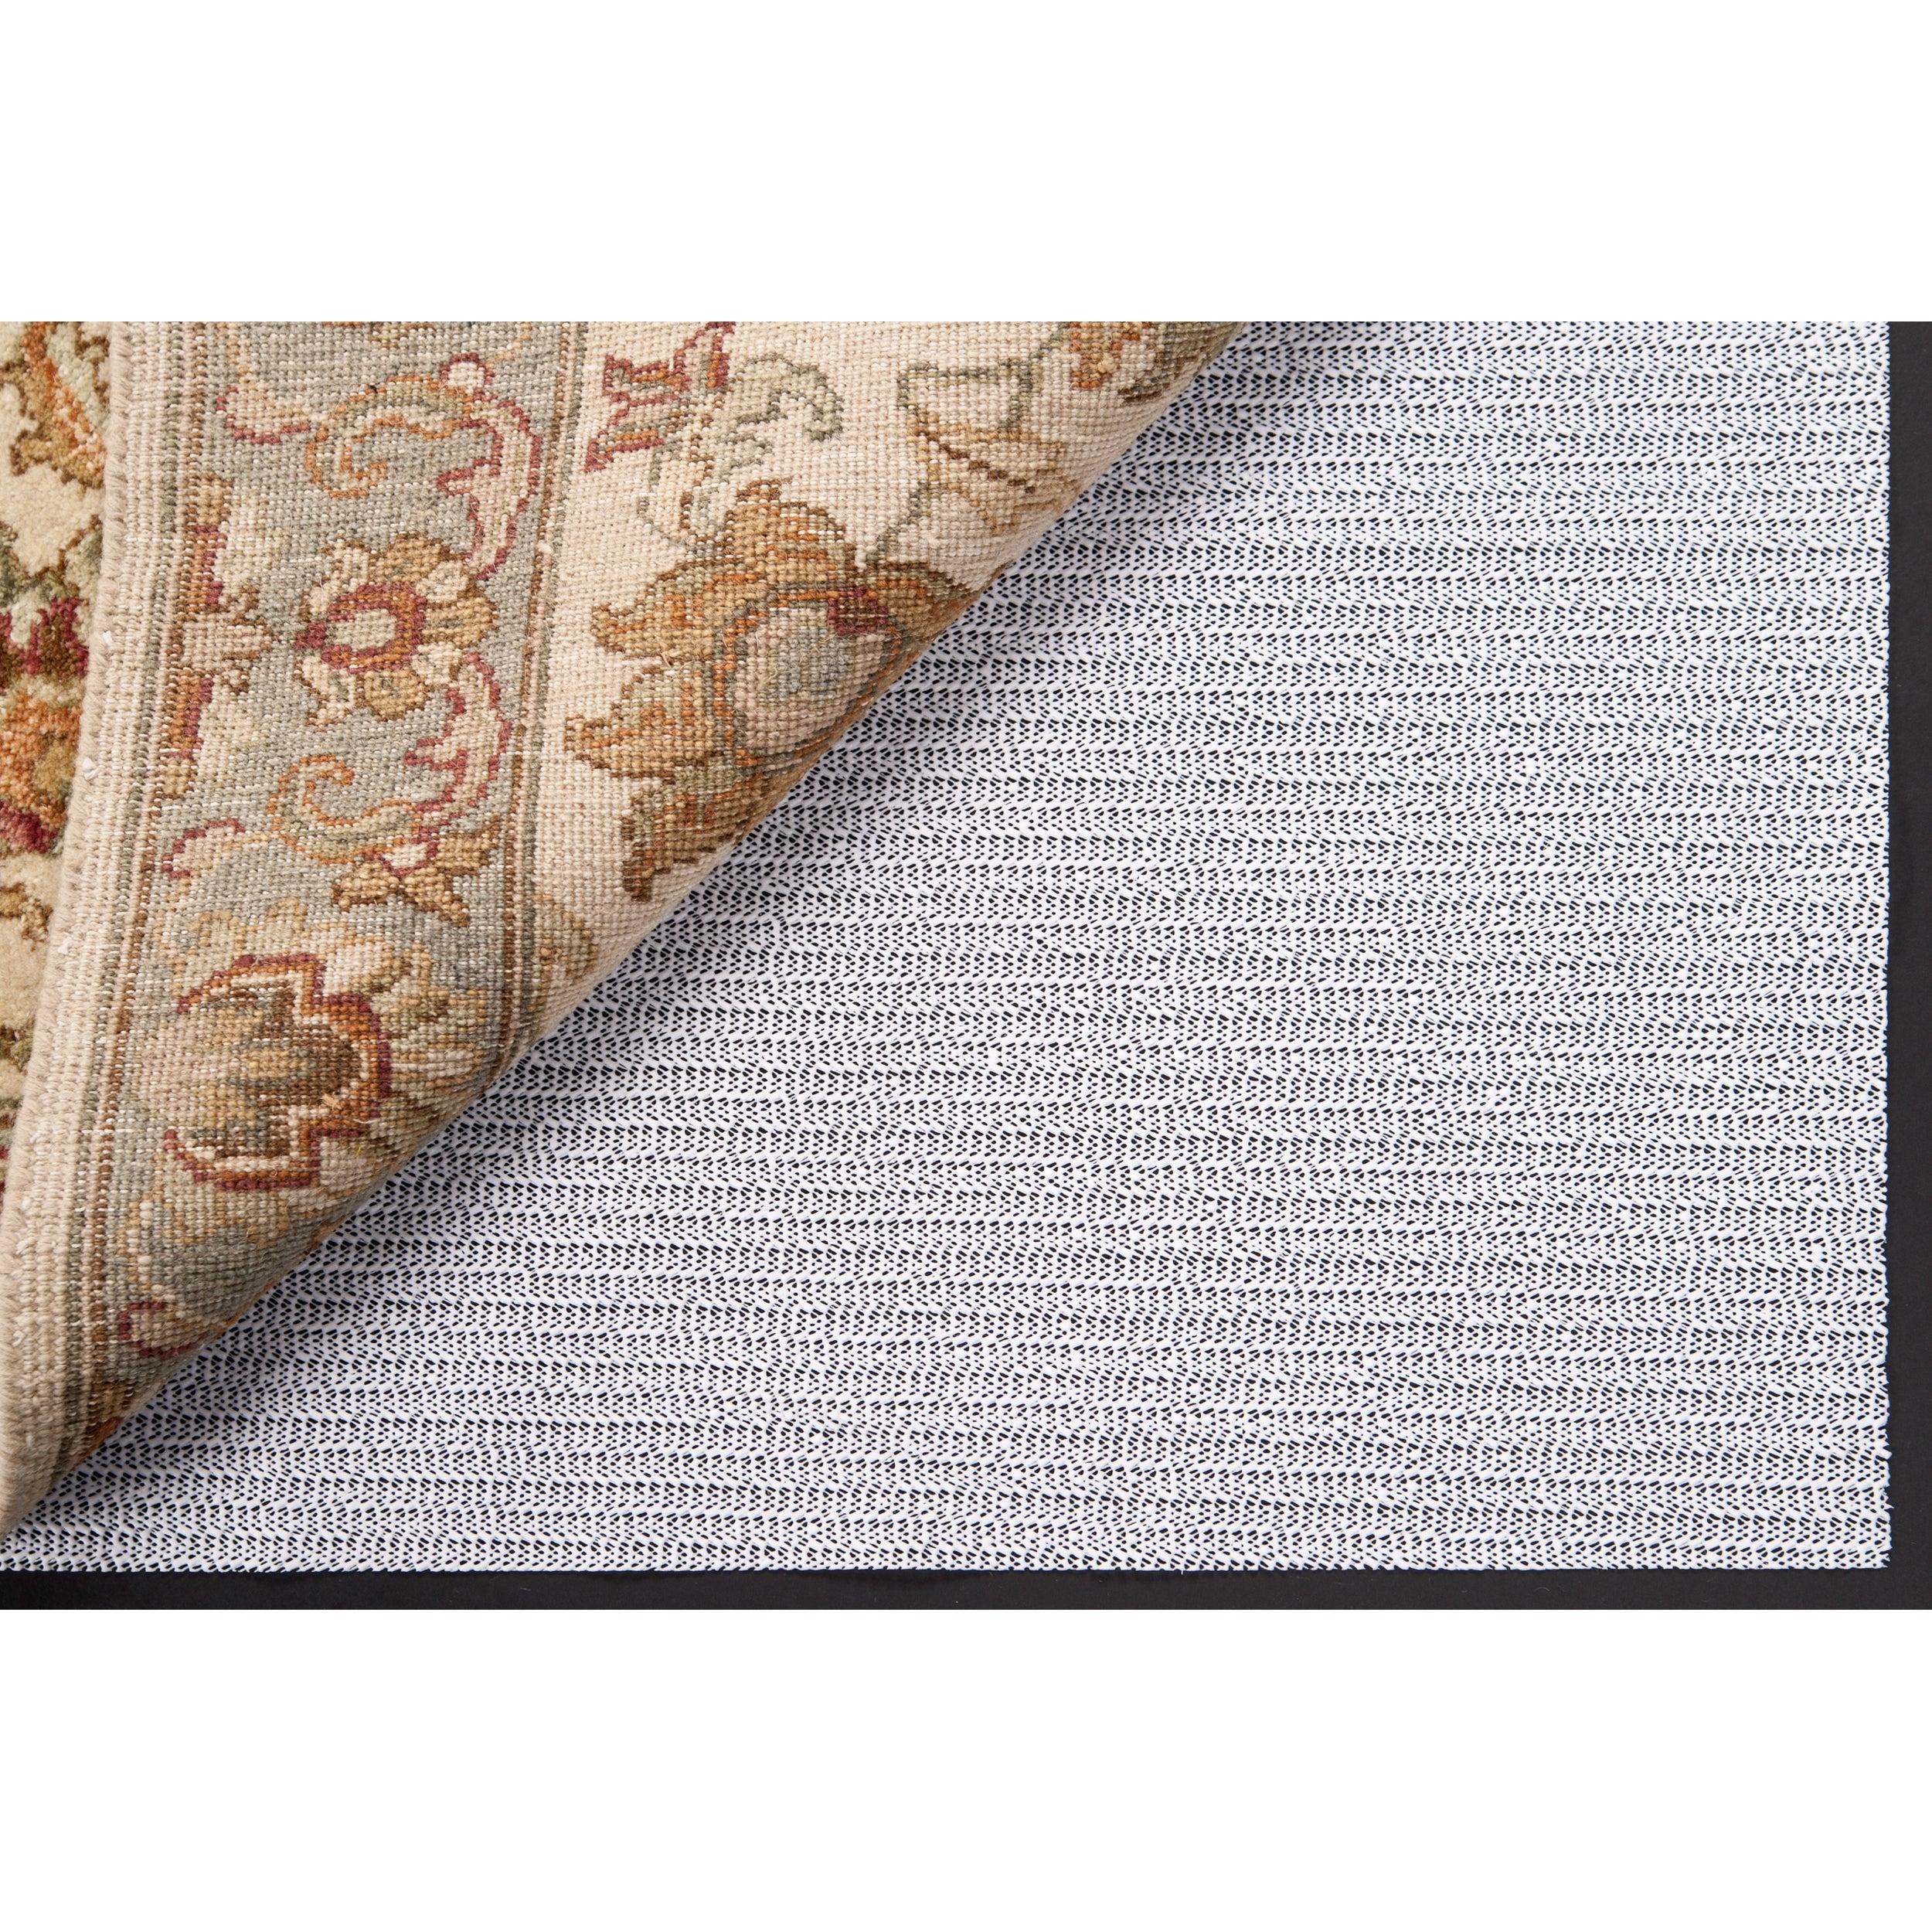 Grandiose Rug Pad (2'6 x 10')